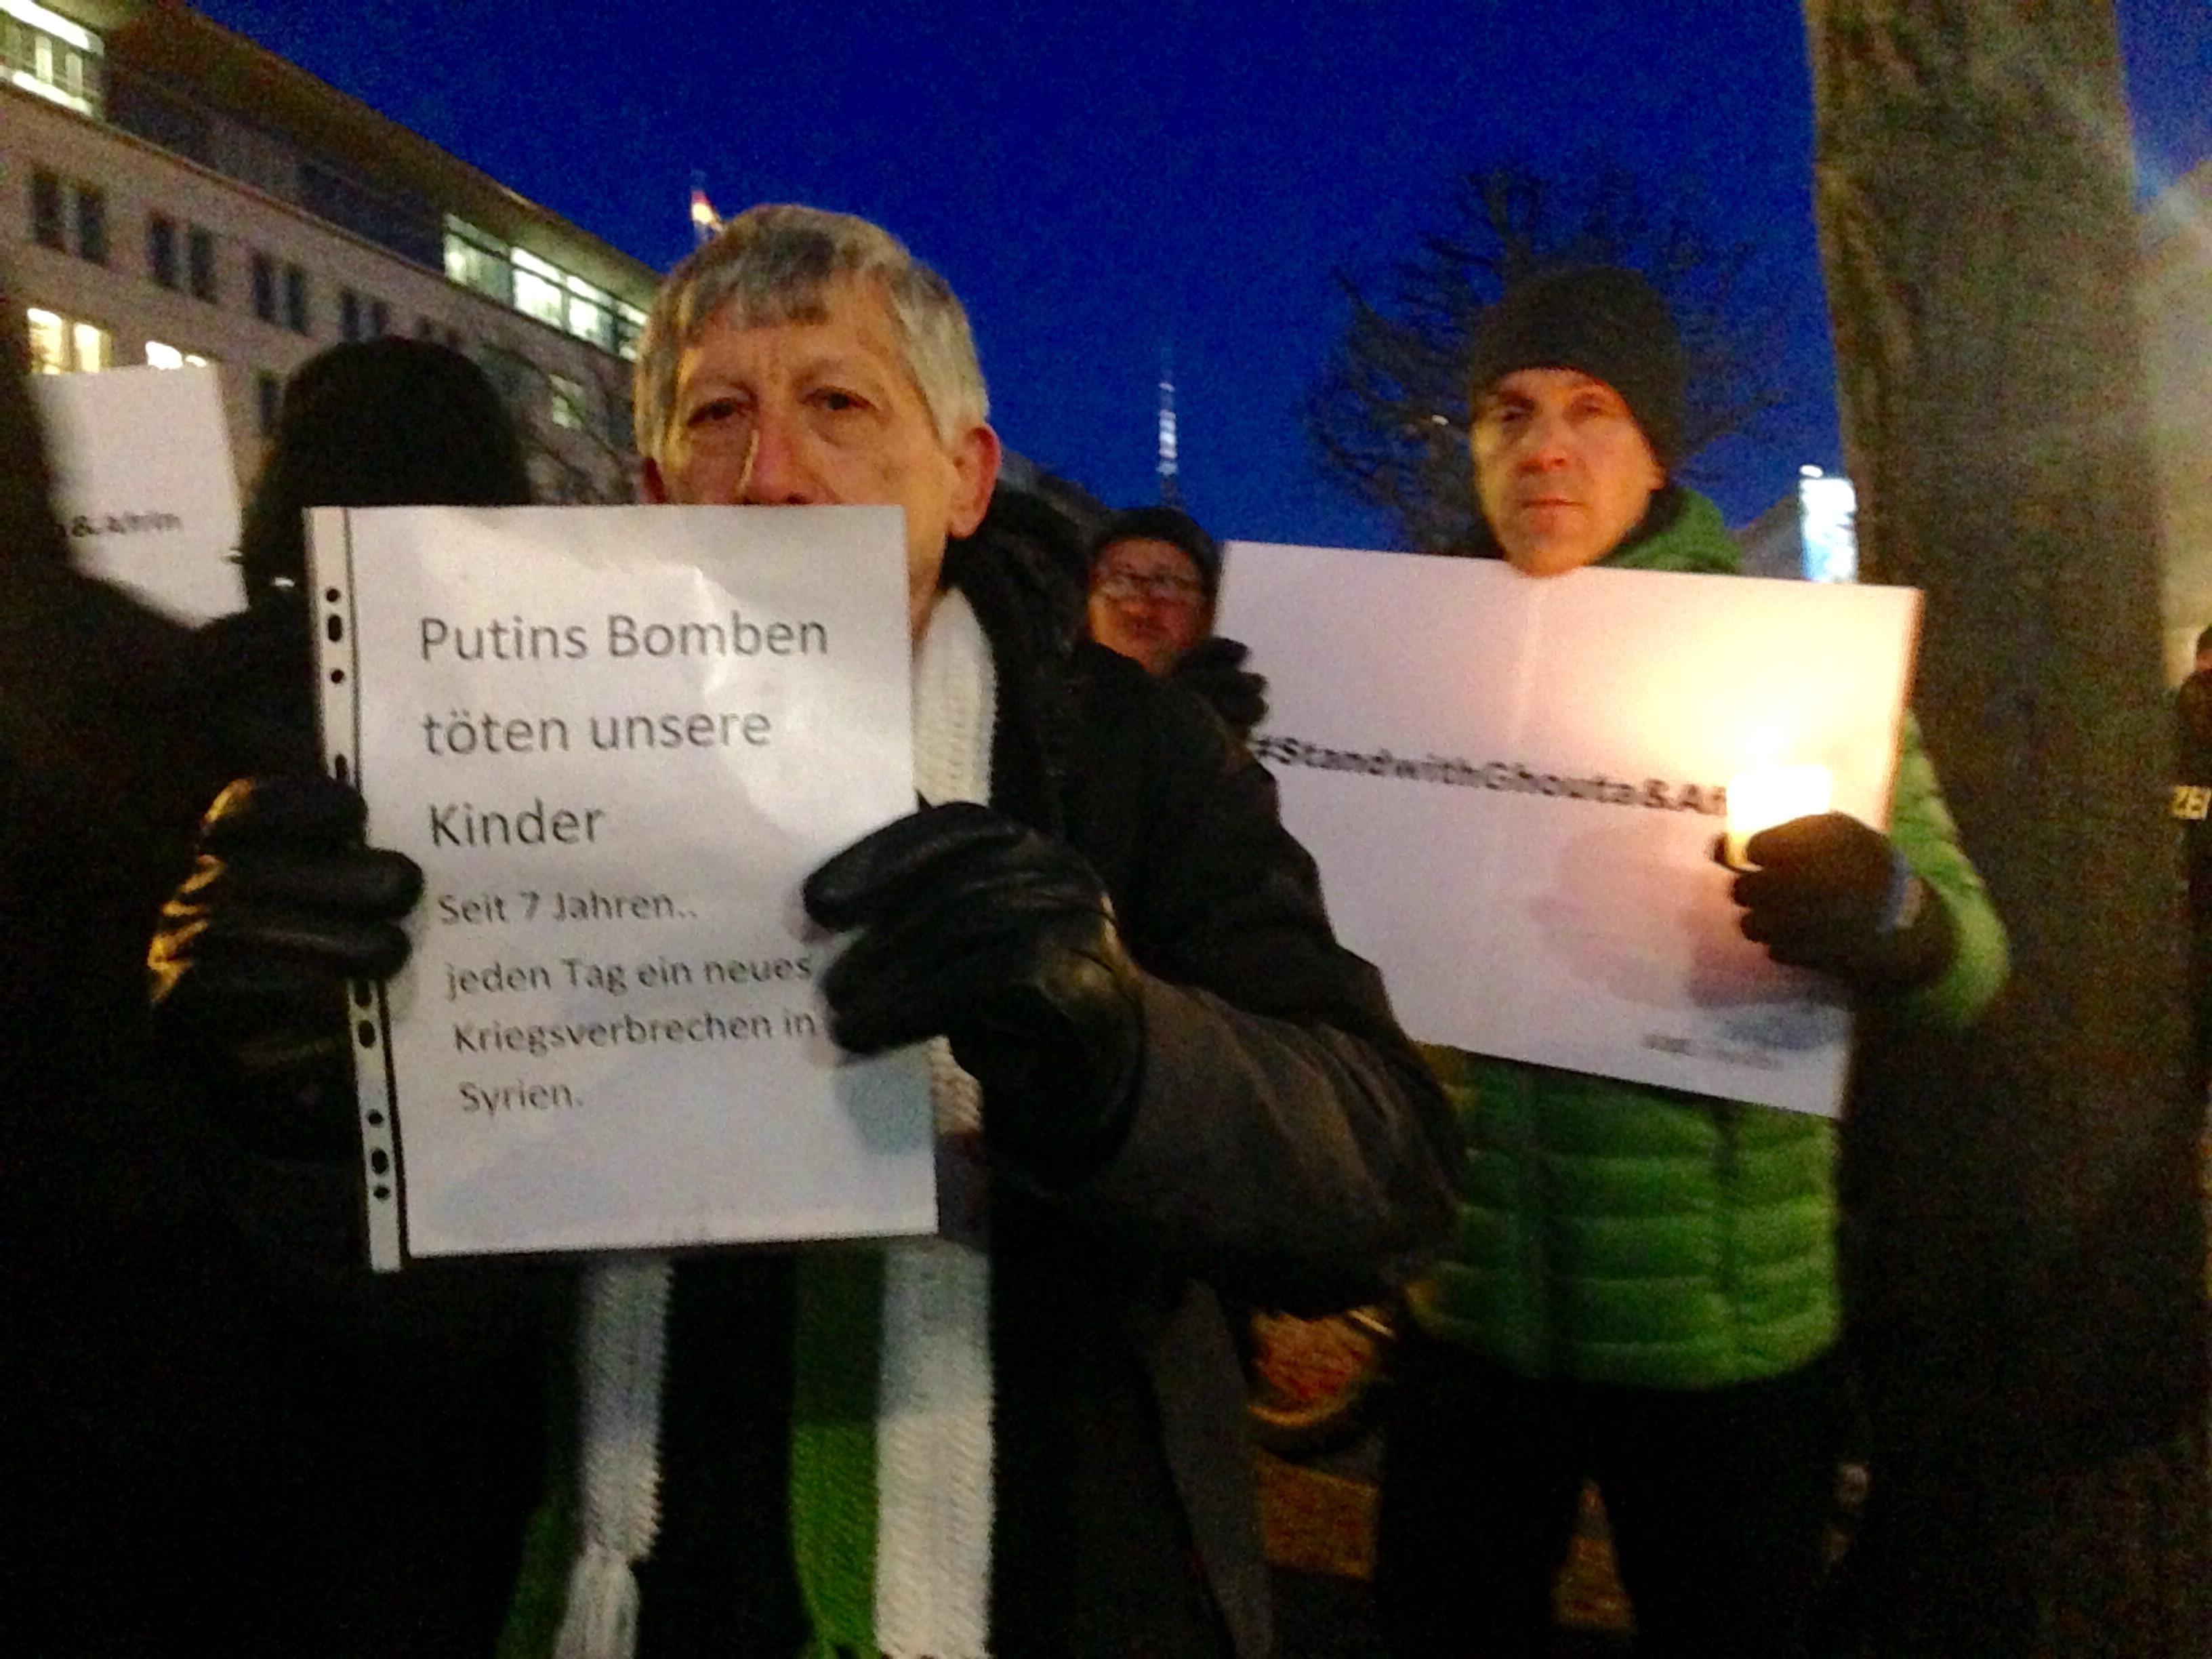 صورة من الاحتجاجات، التقطتها الكاتب.